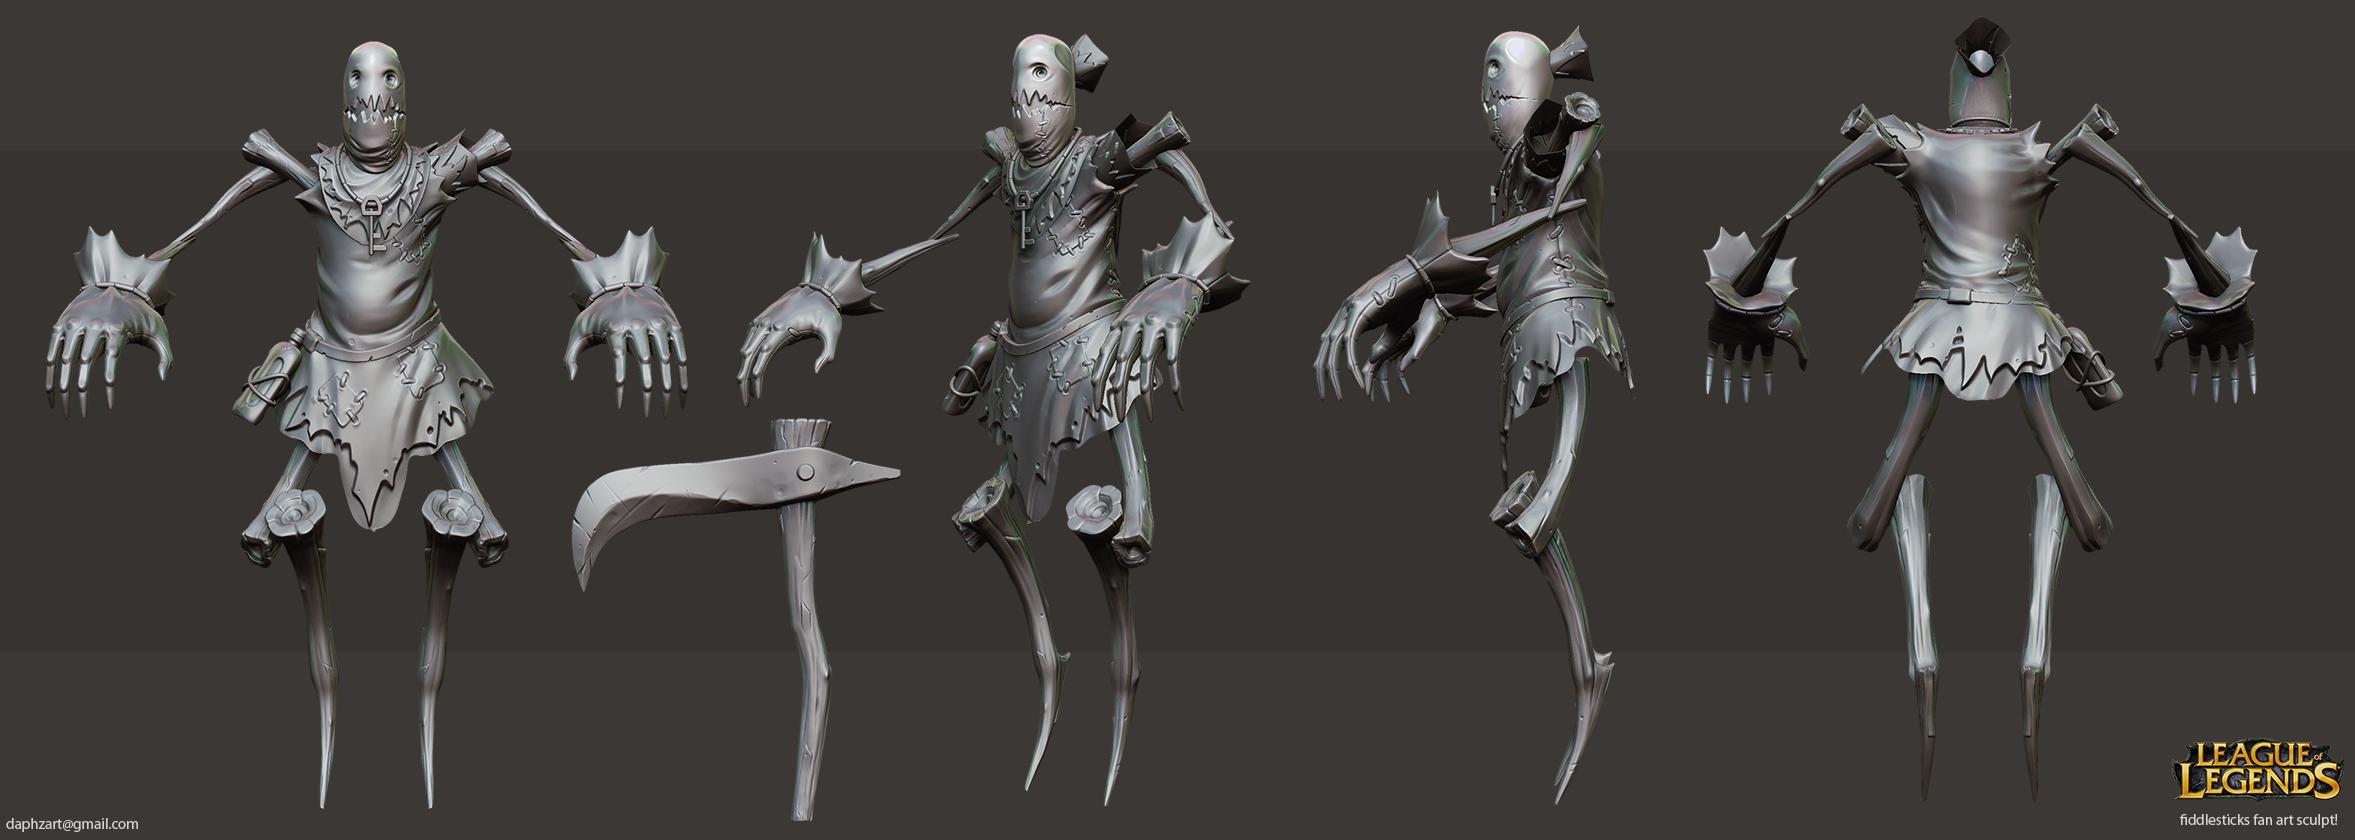 fiddlesticks fan art sculpt by daphz